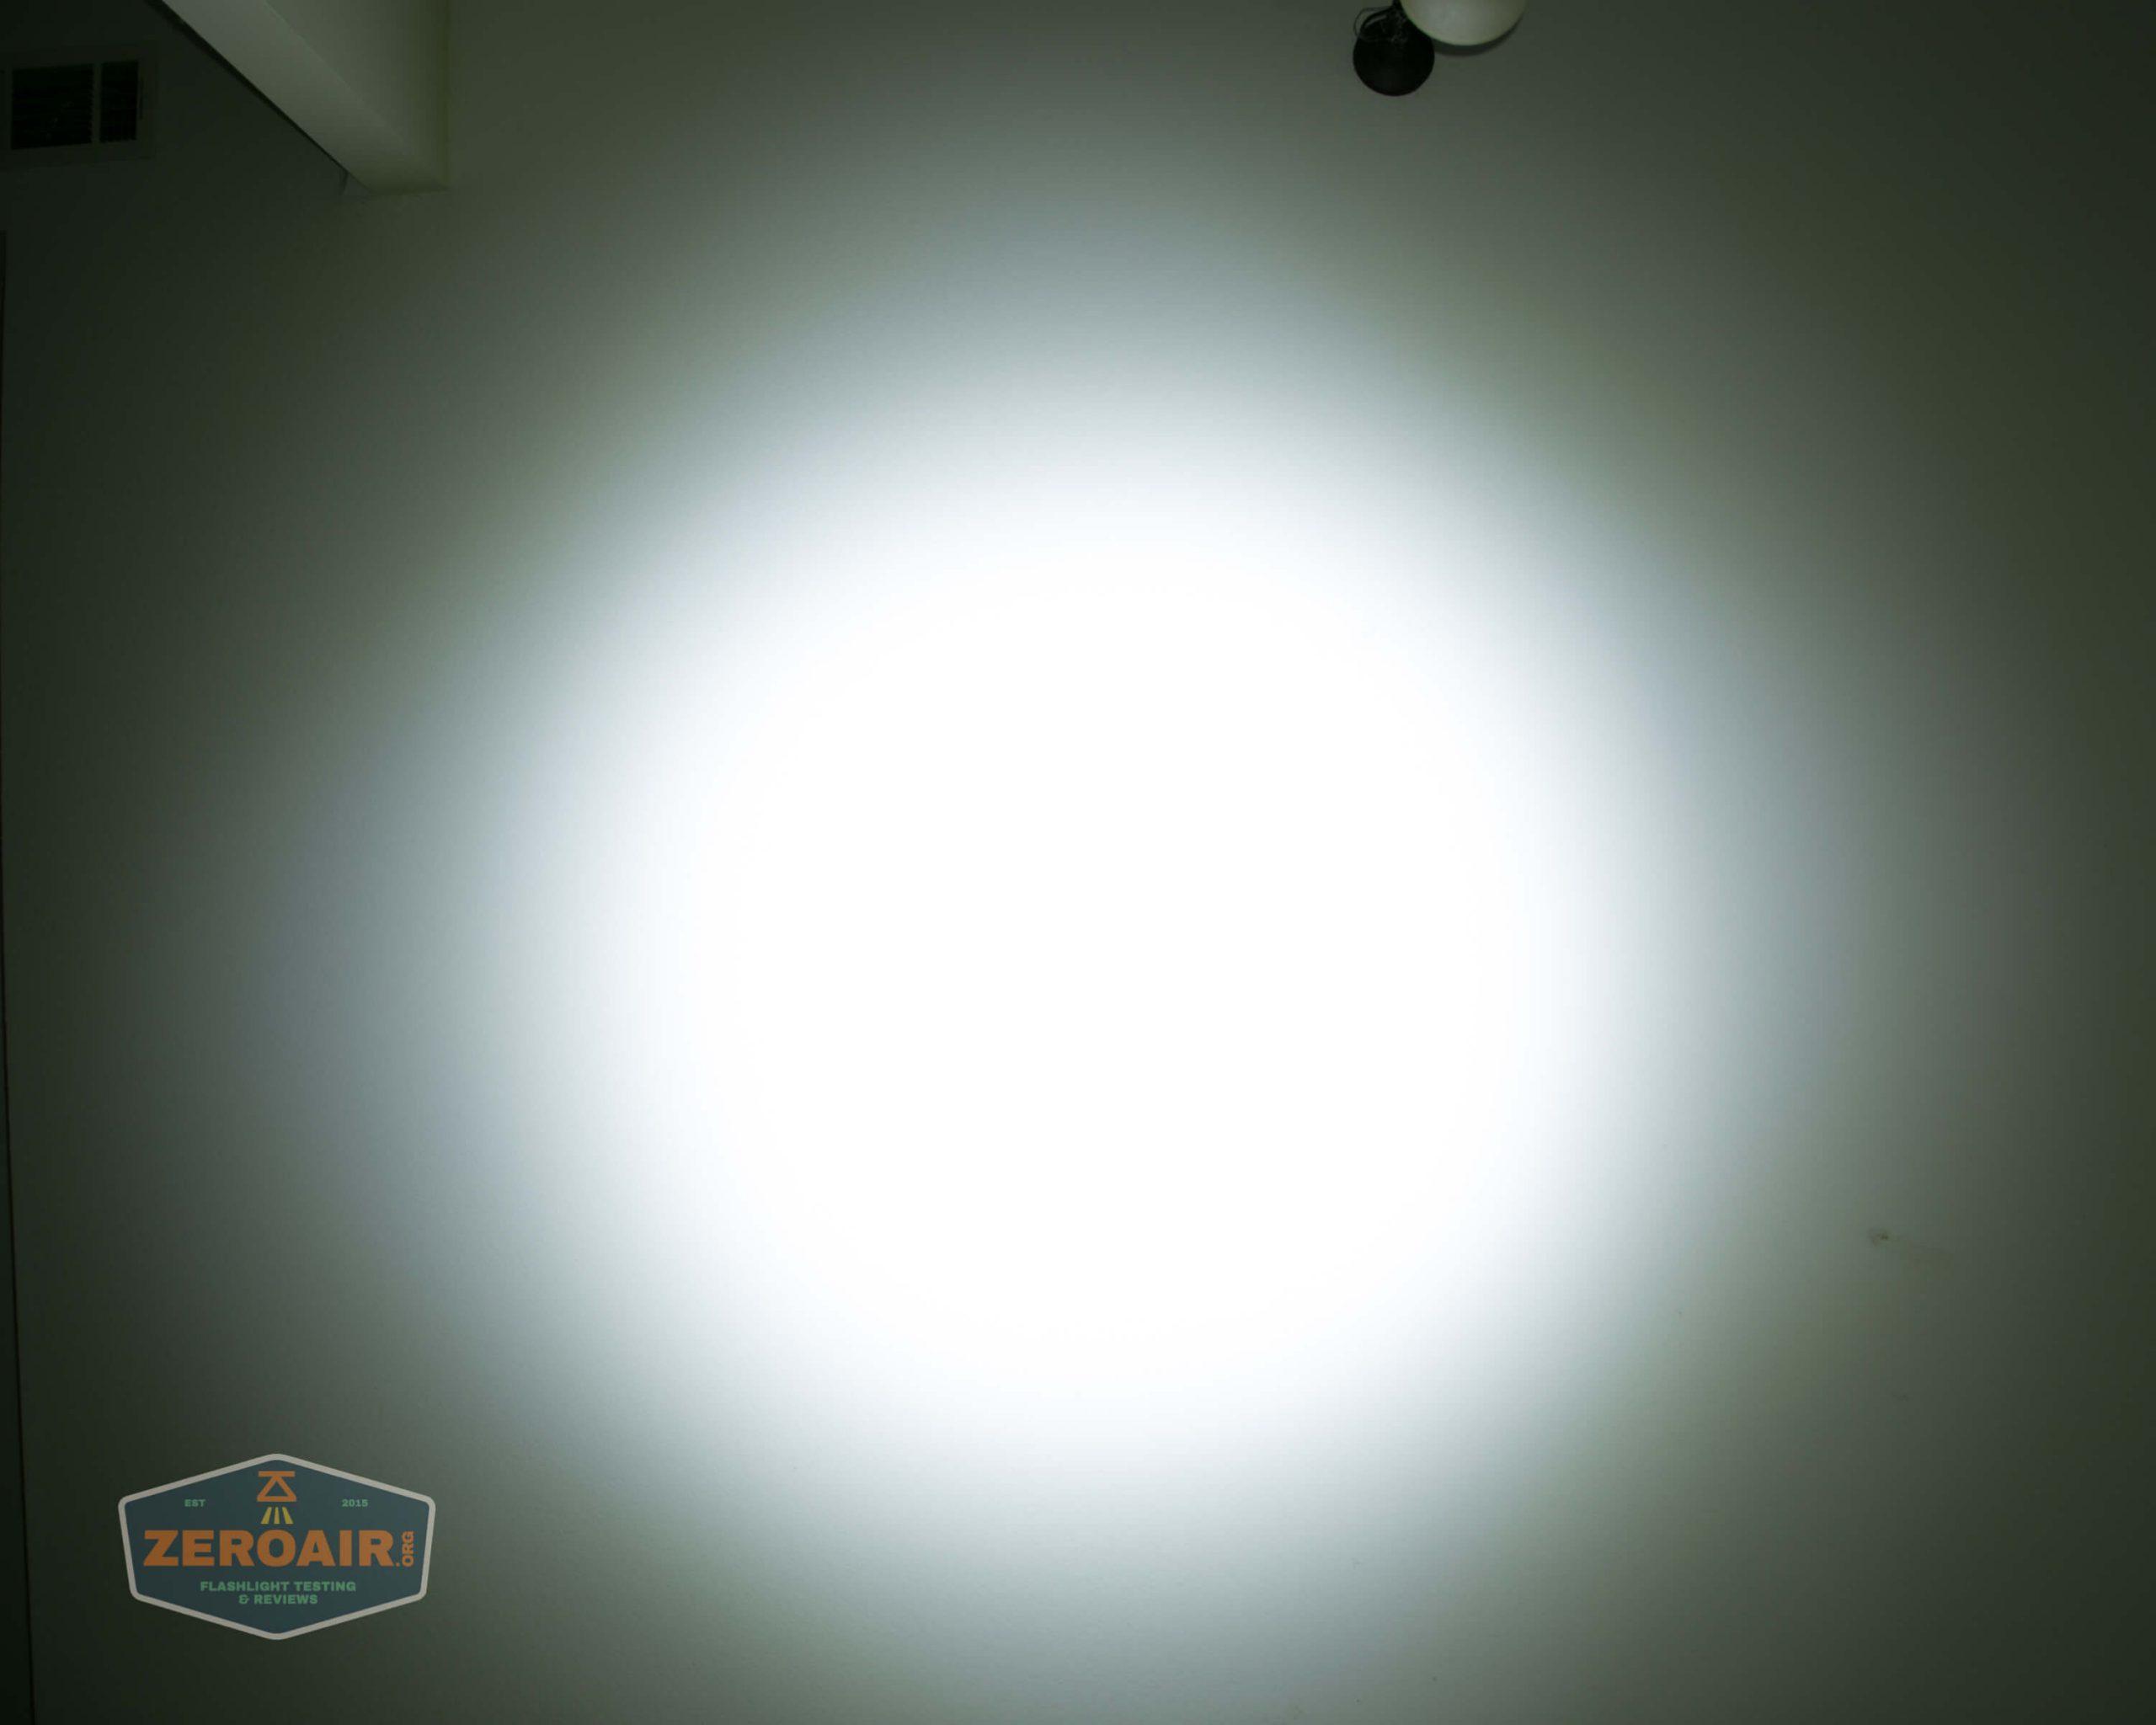 countycomm reylight 21700 quad emitter flashlight beamshot ceiling 4